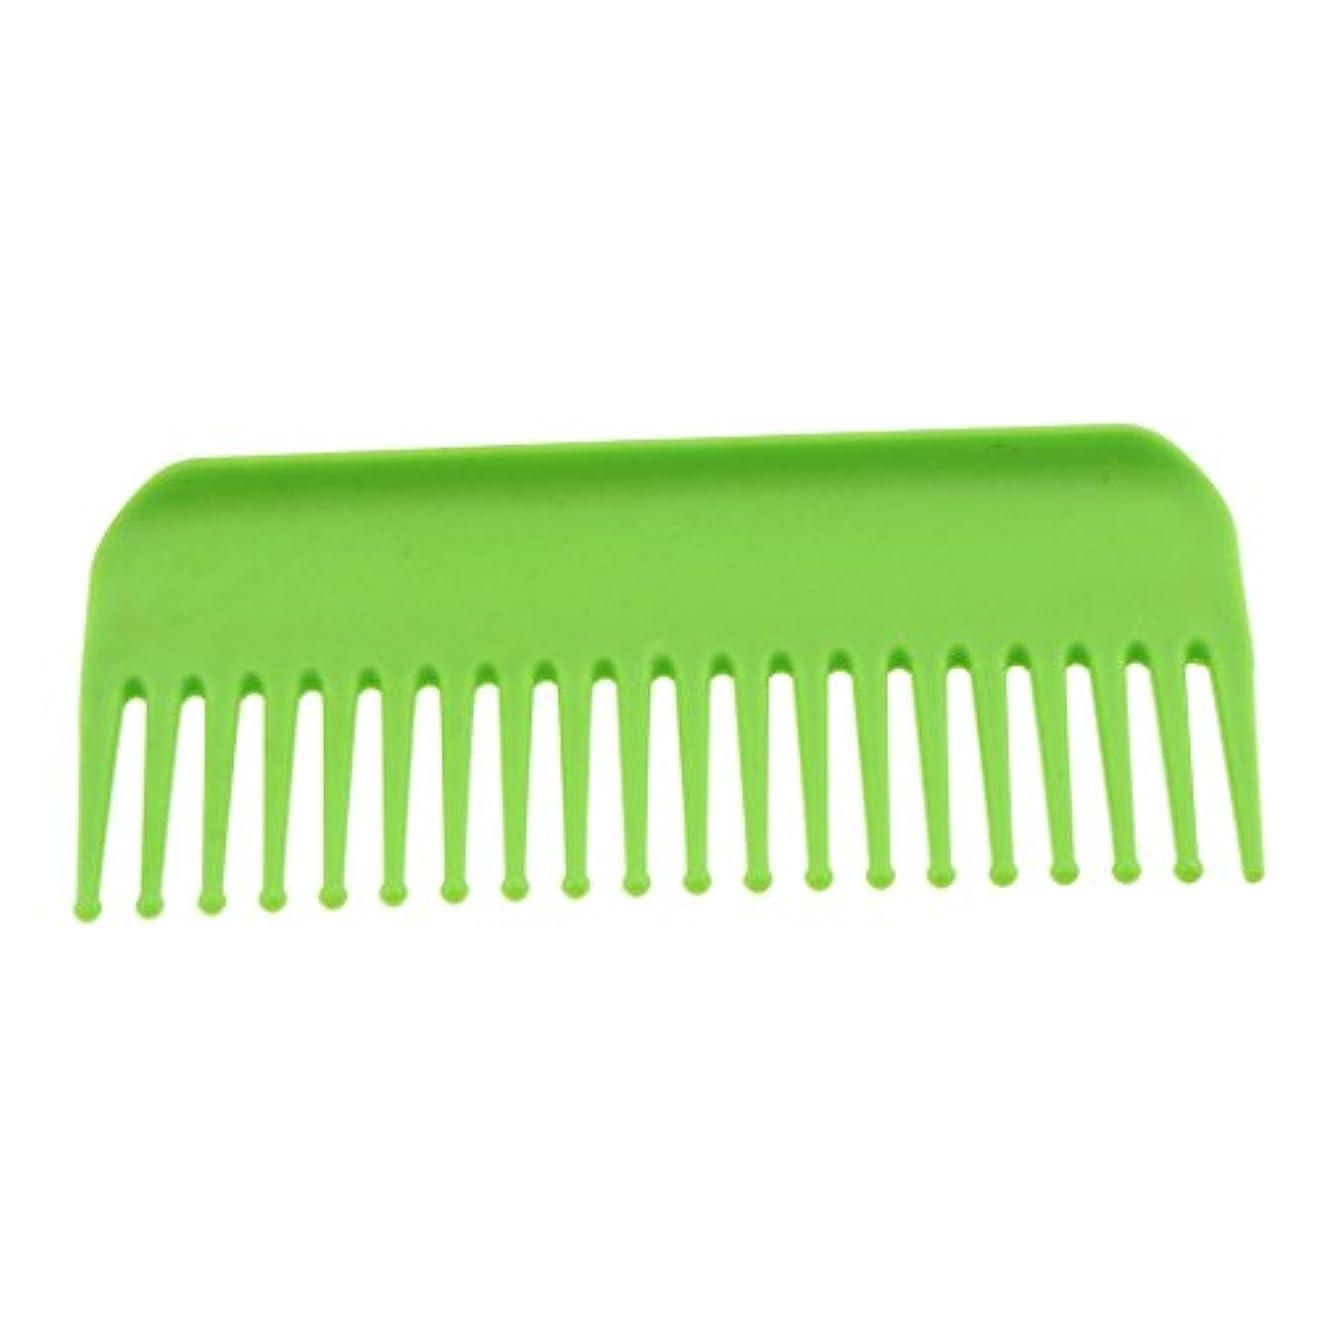 個性経由でそうHomyl ヘアコーム ヘアブラシ コーム 櫛 くし 頭皮 マッサージ 耐熱性 帯電防止 便利 サロン 自宅用 4色選べる - 緑